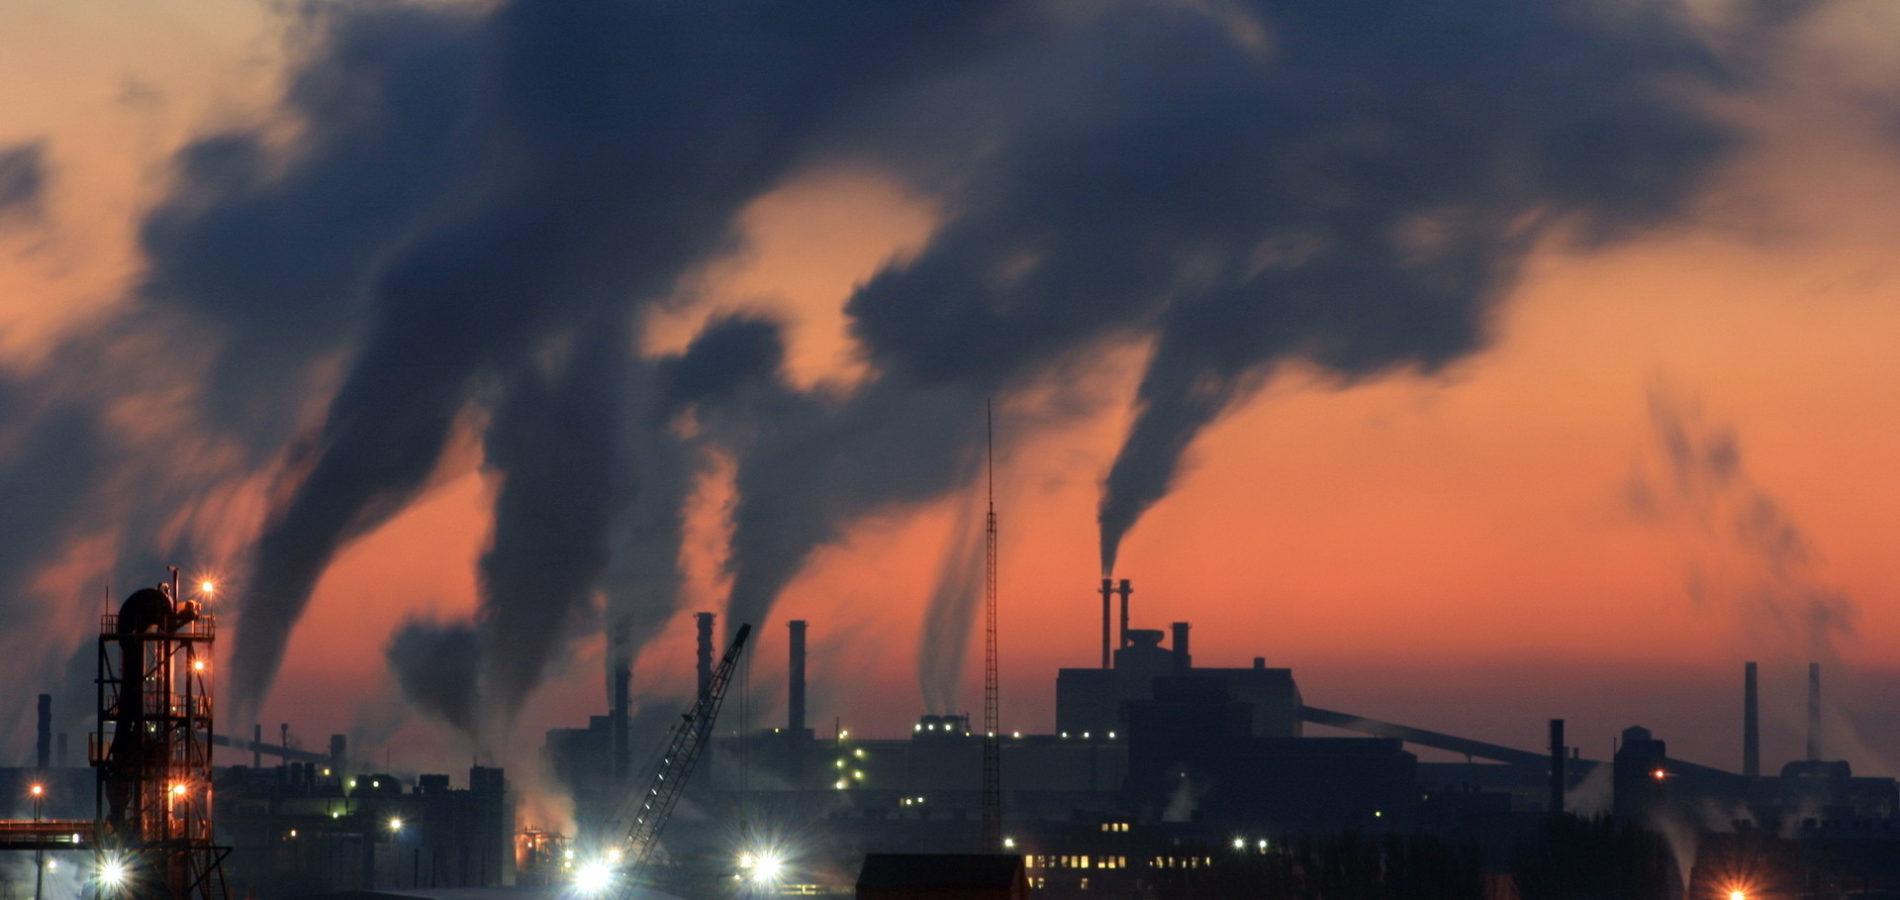 Борис Титов: «Стратегия Роста» содержит блок мер, нацеленных на развитие промышленных городов